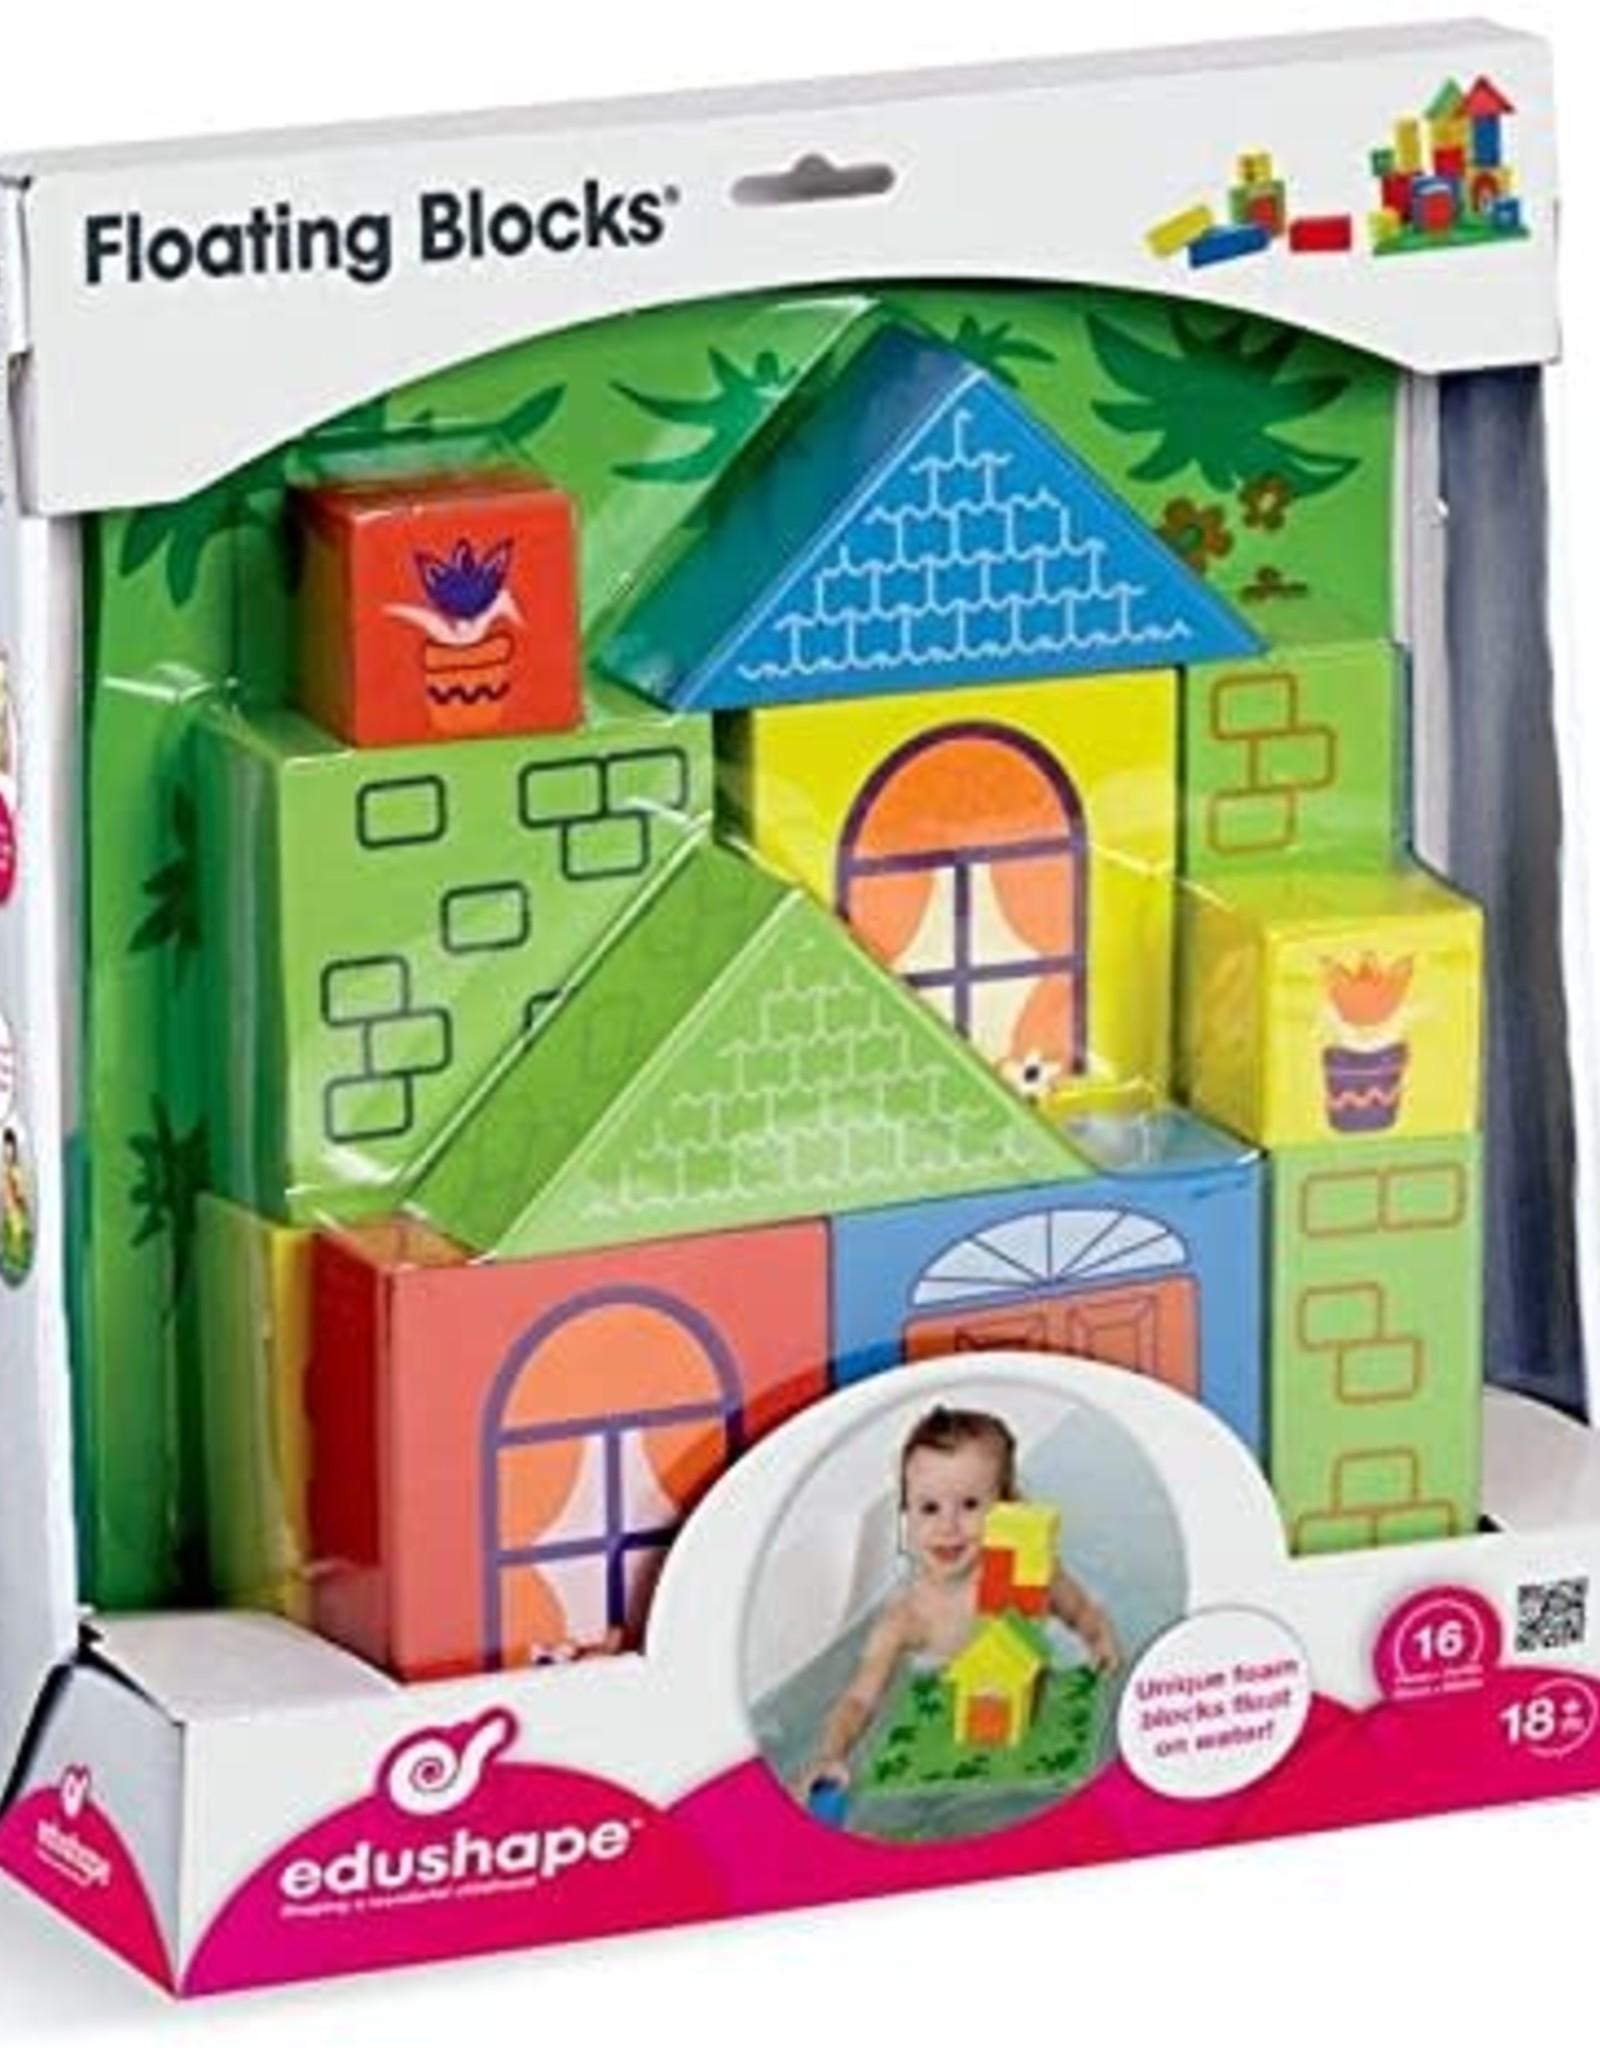 Edushape Floating Blocks - Set of 16